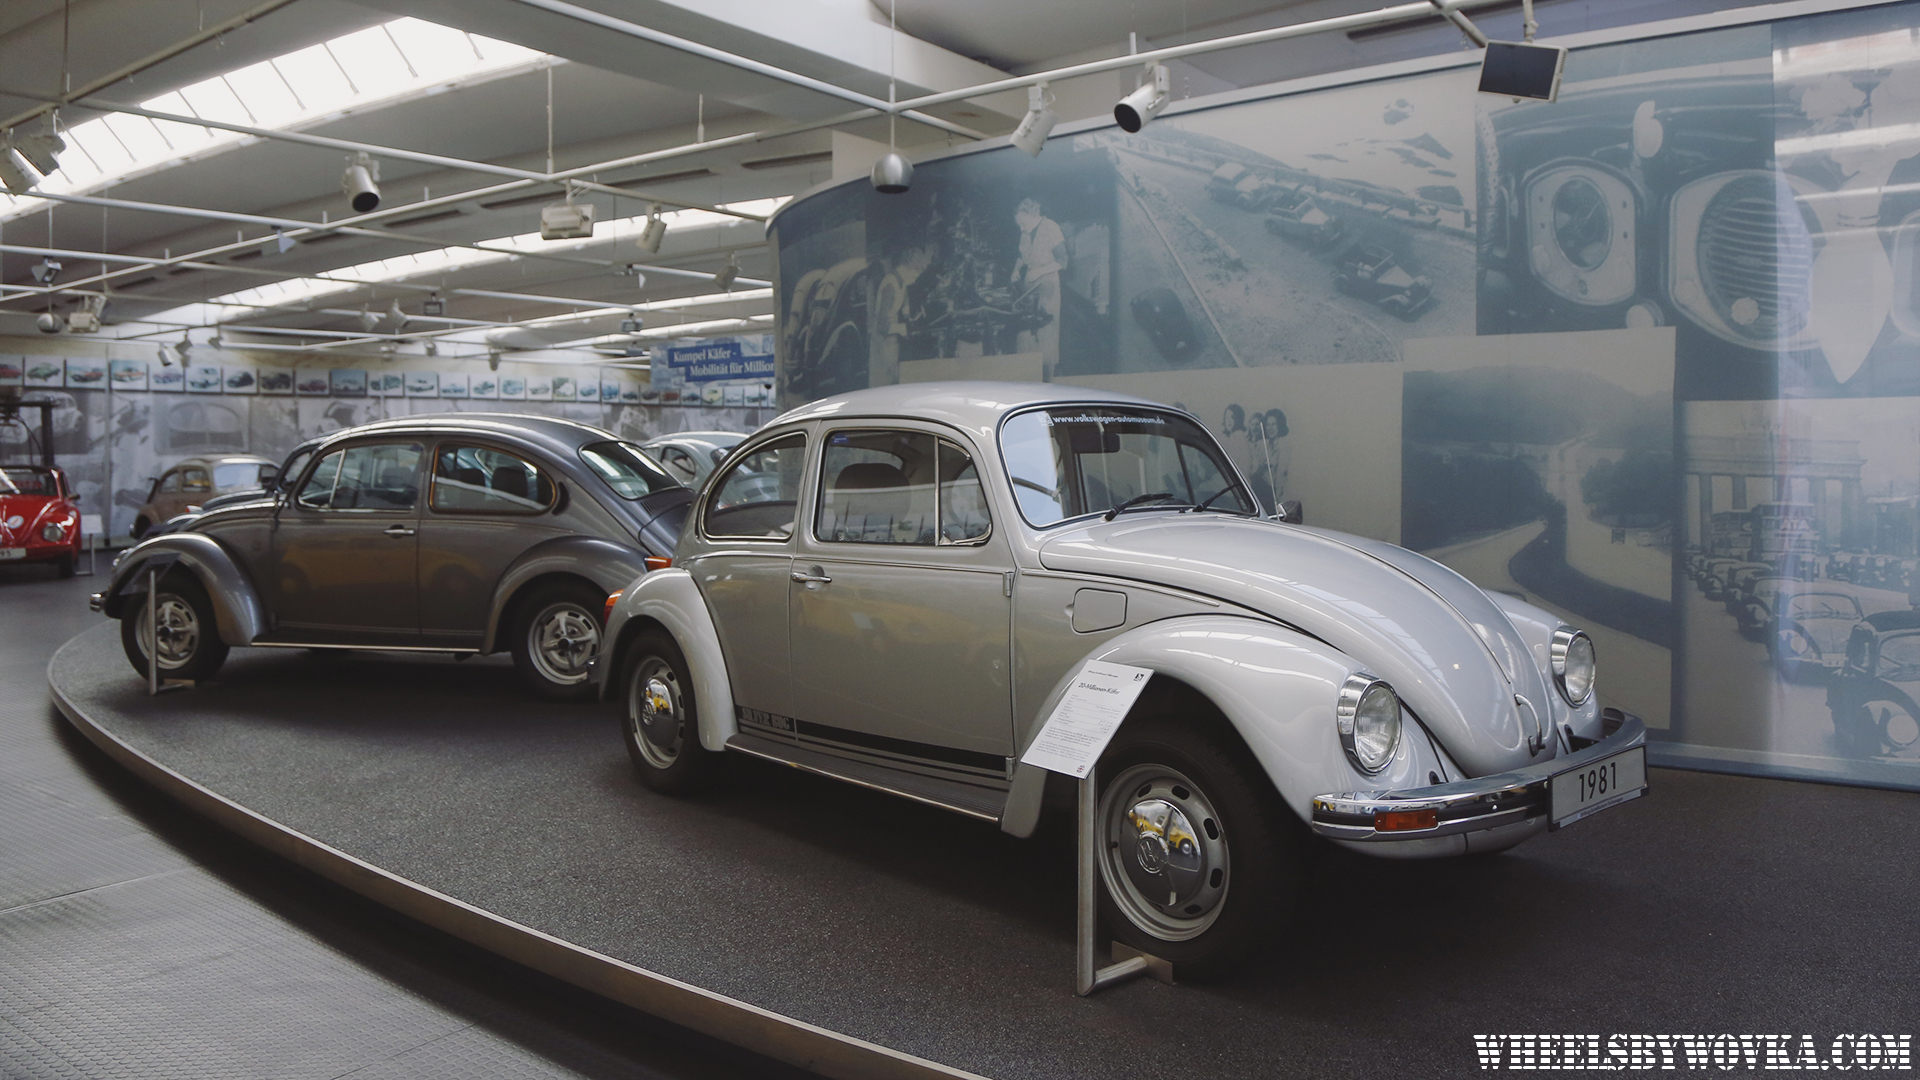 volkswagen-vw-museum-wolfsbourg-tour-by-wheelsbywovka-6